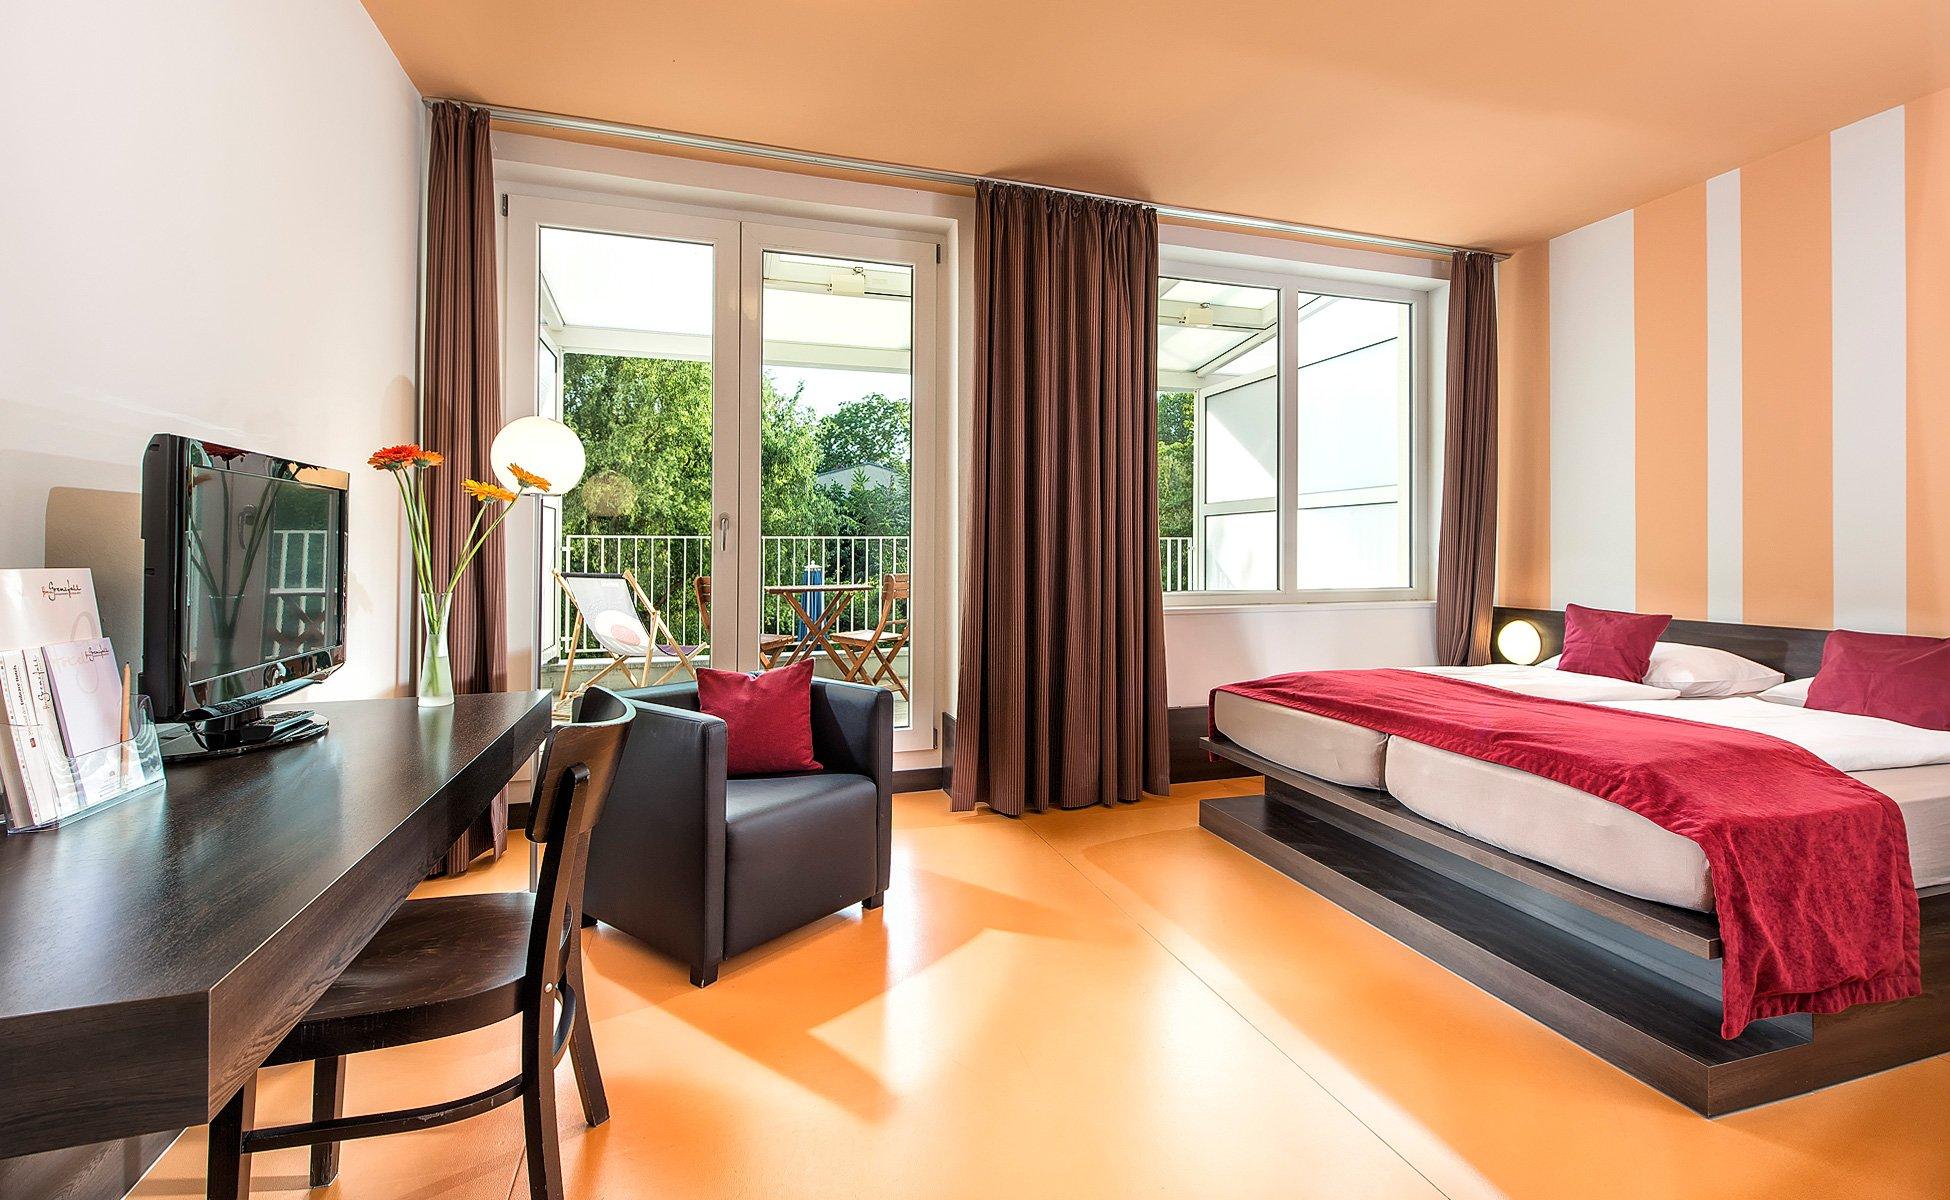 Hotel-Grenzfall Gartenblickzimmer mit Balkon Gesamt